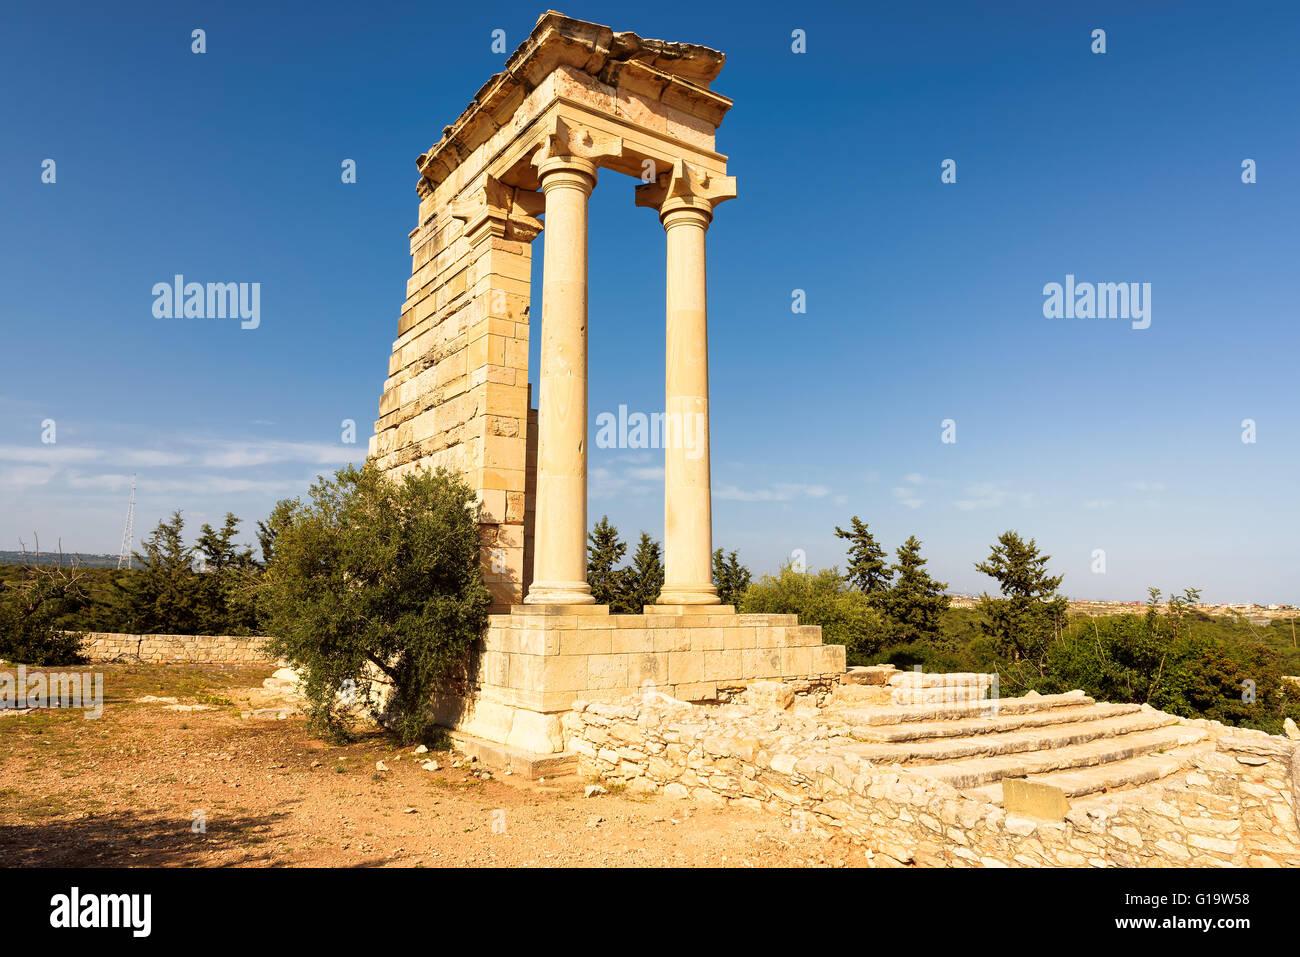 Temple of Apollo Hylates at Kourion, Limassol, Cyprus - Stock Image